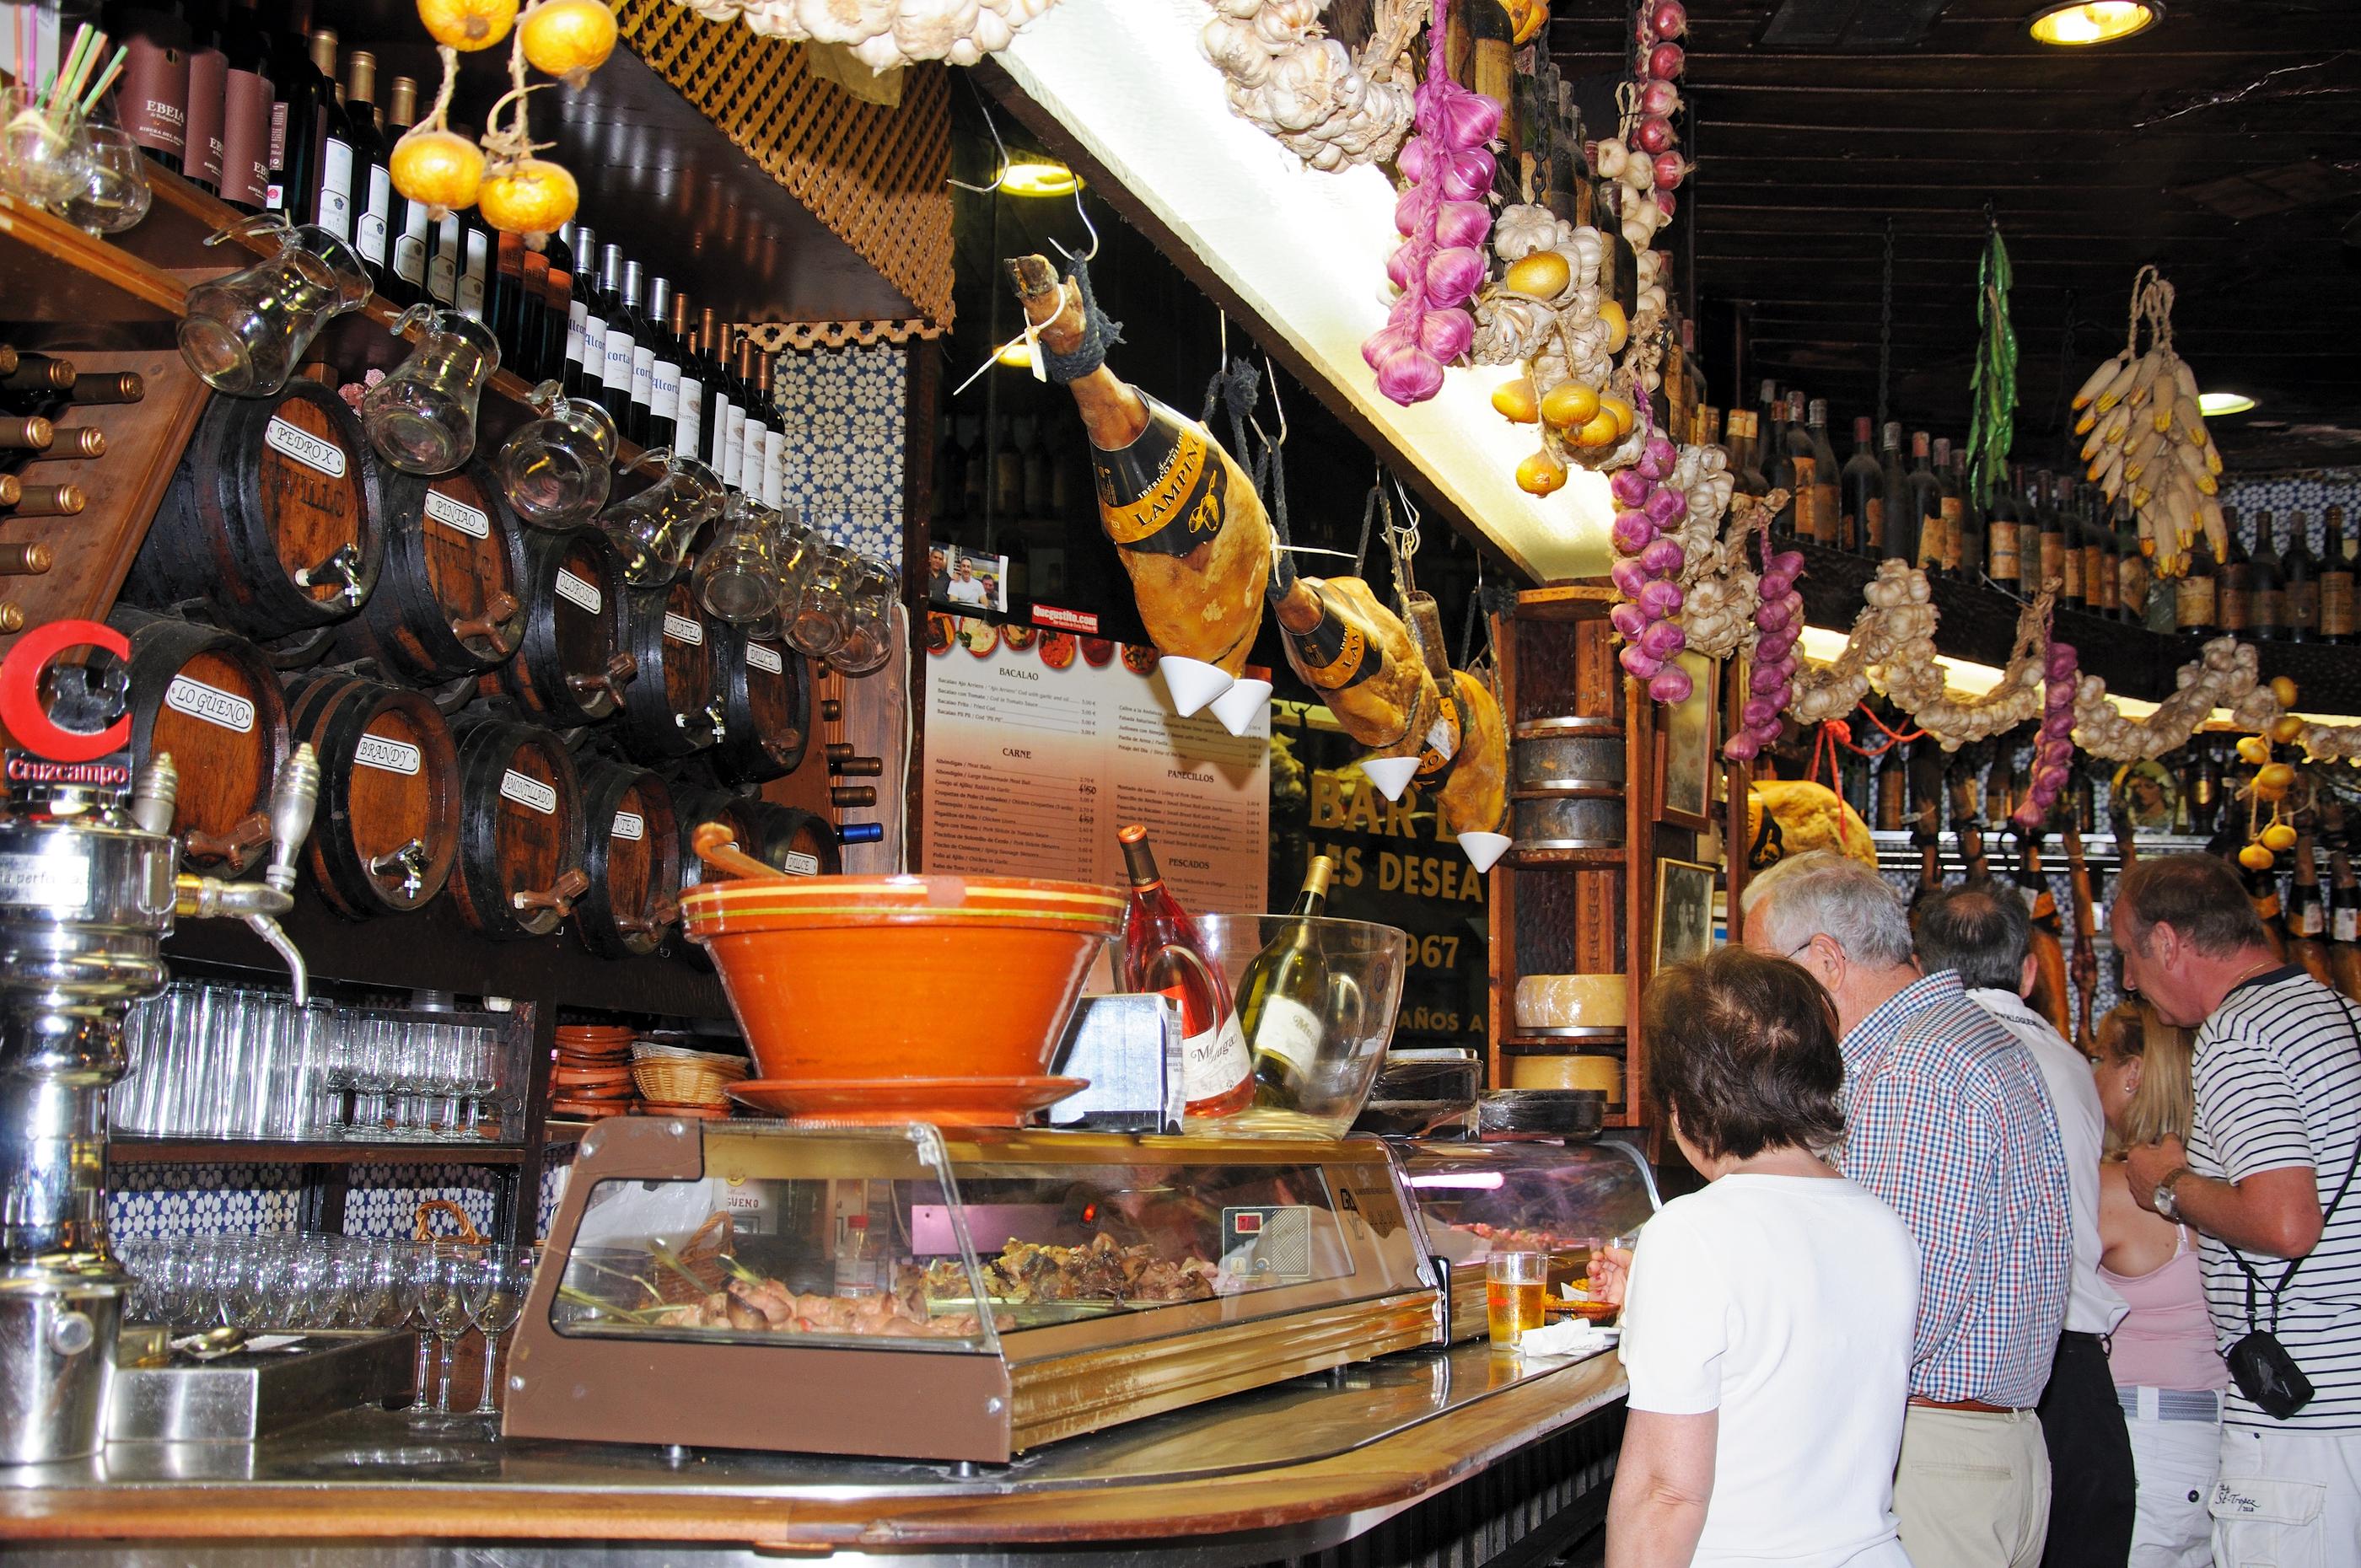 Tapas bar, Monda Spain.